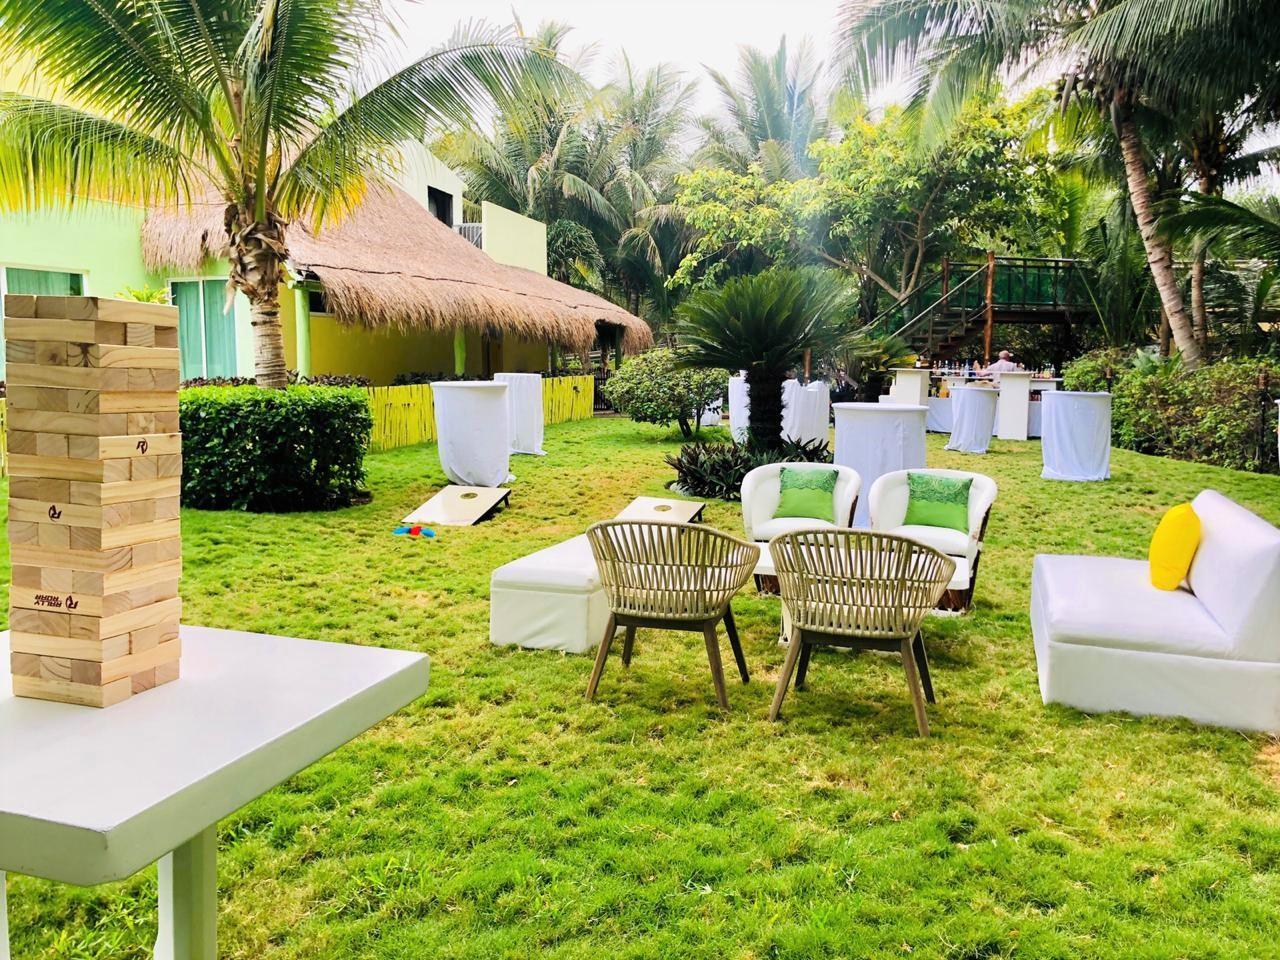 Garden Casa Dorada2 Cornholes Jenga2